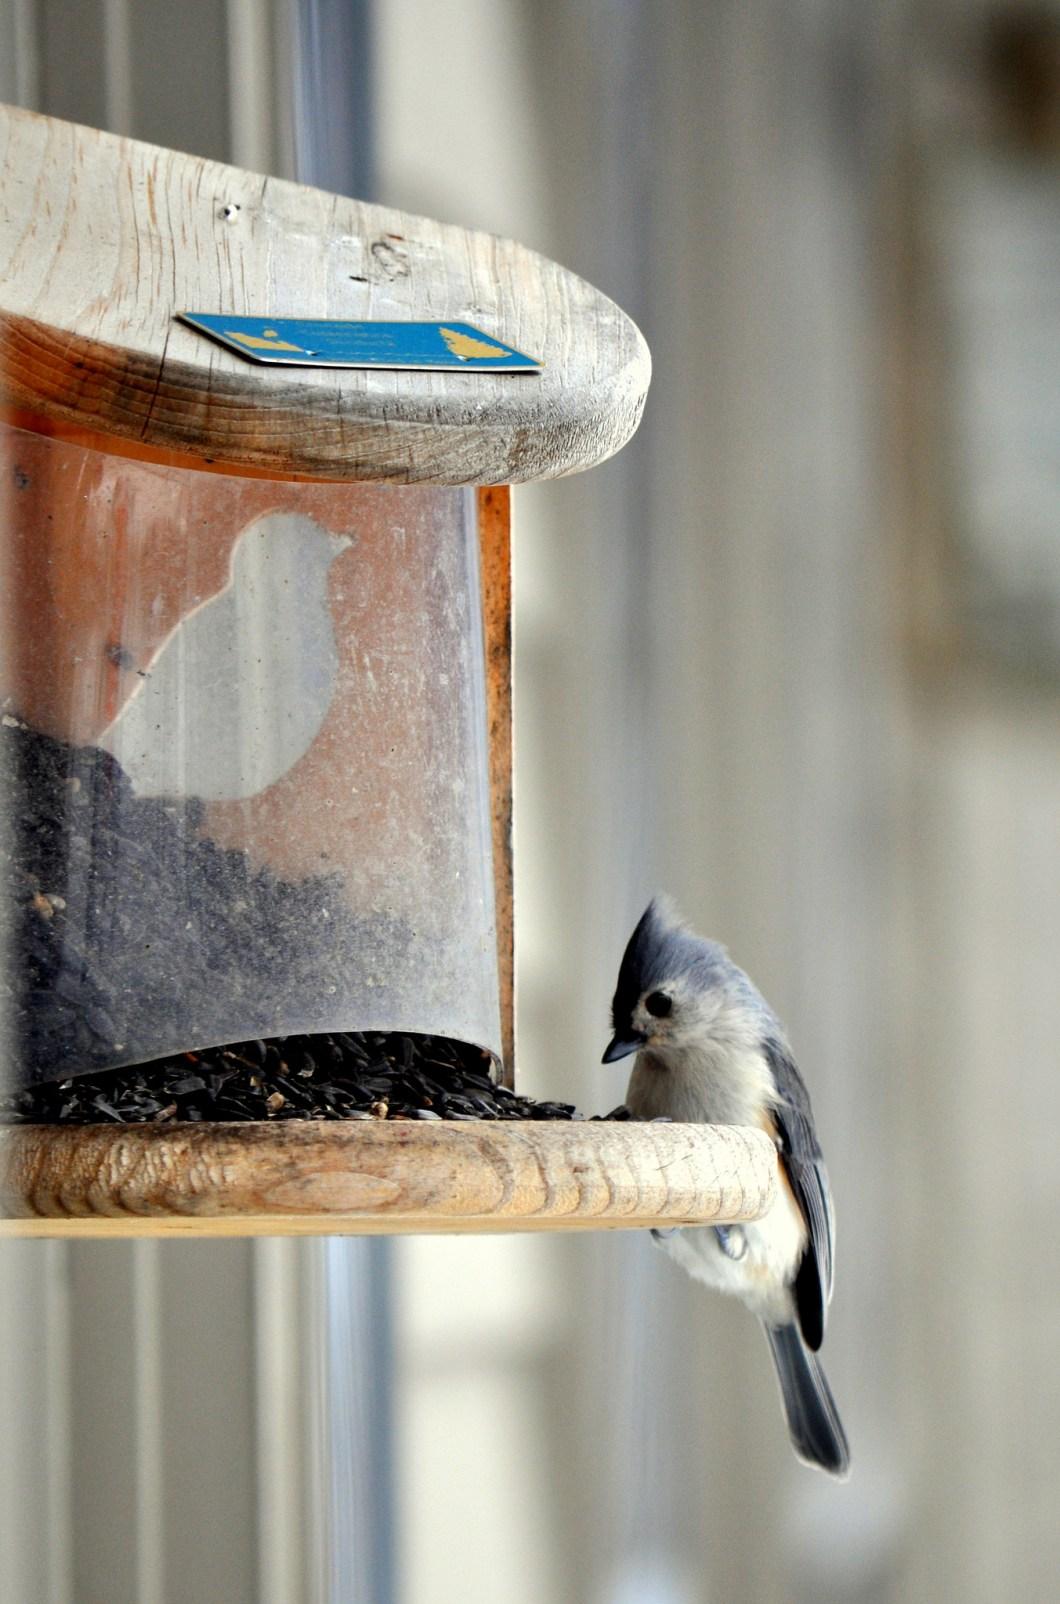 Imagen gratis de un pájaro comiendo